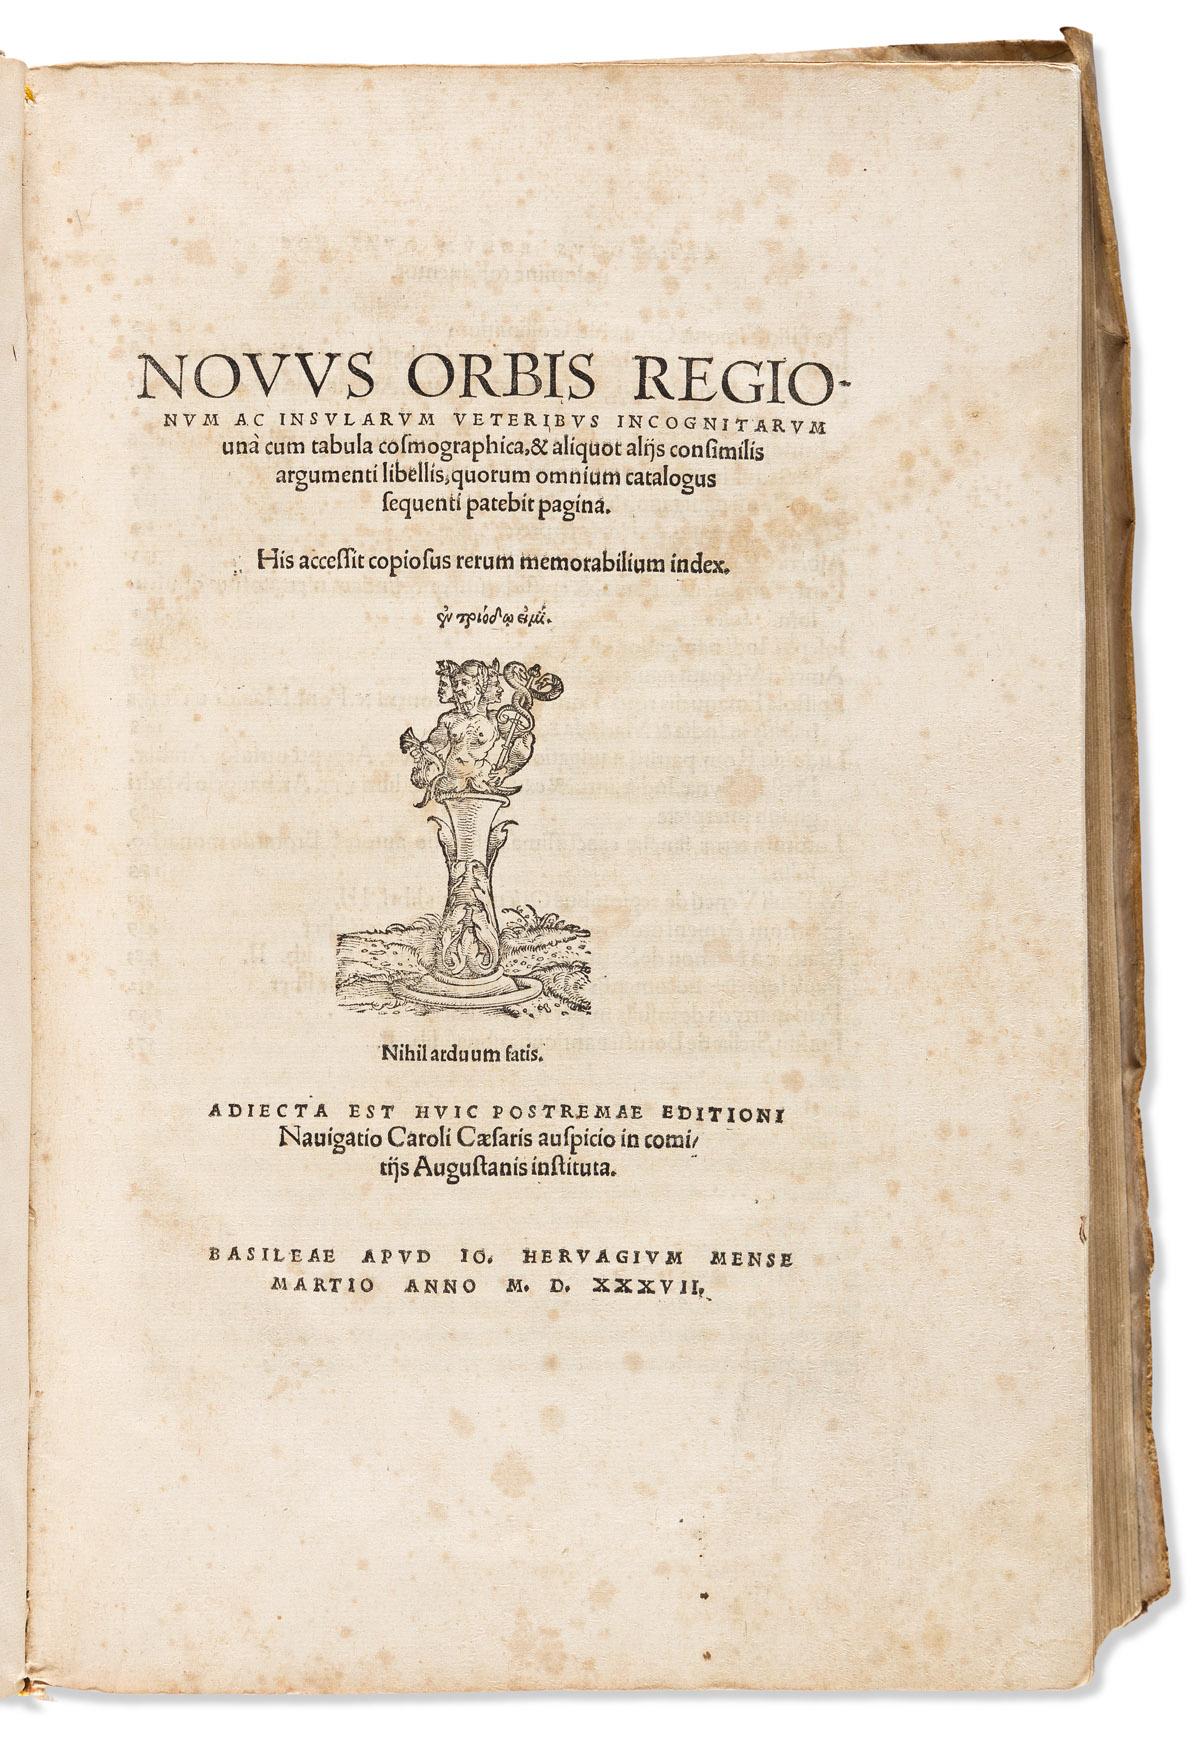 Huttich, Johannes (1480-1544) and Simon Grynaeus (1493-1541) Novus Orbis Regionum Insularum Veteribus Incognitarum.